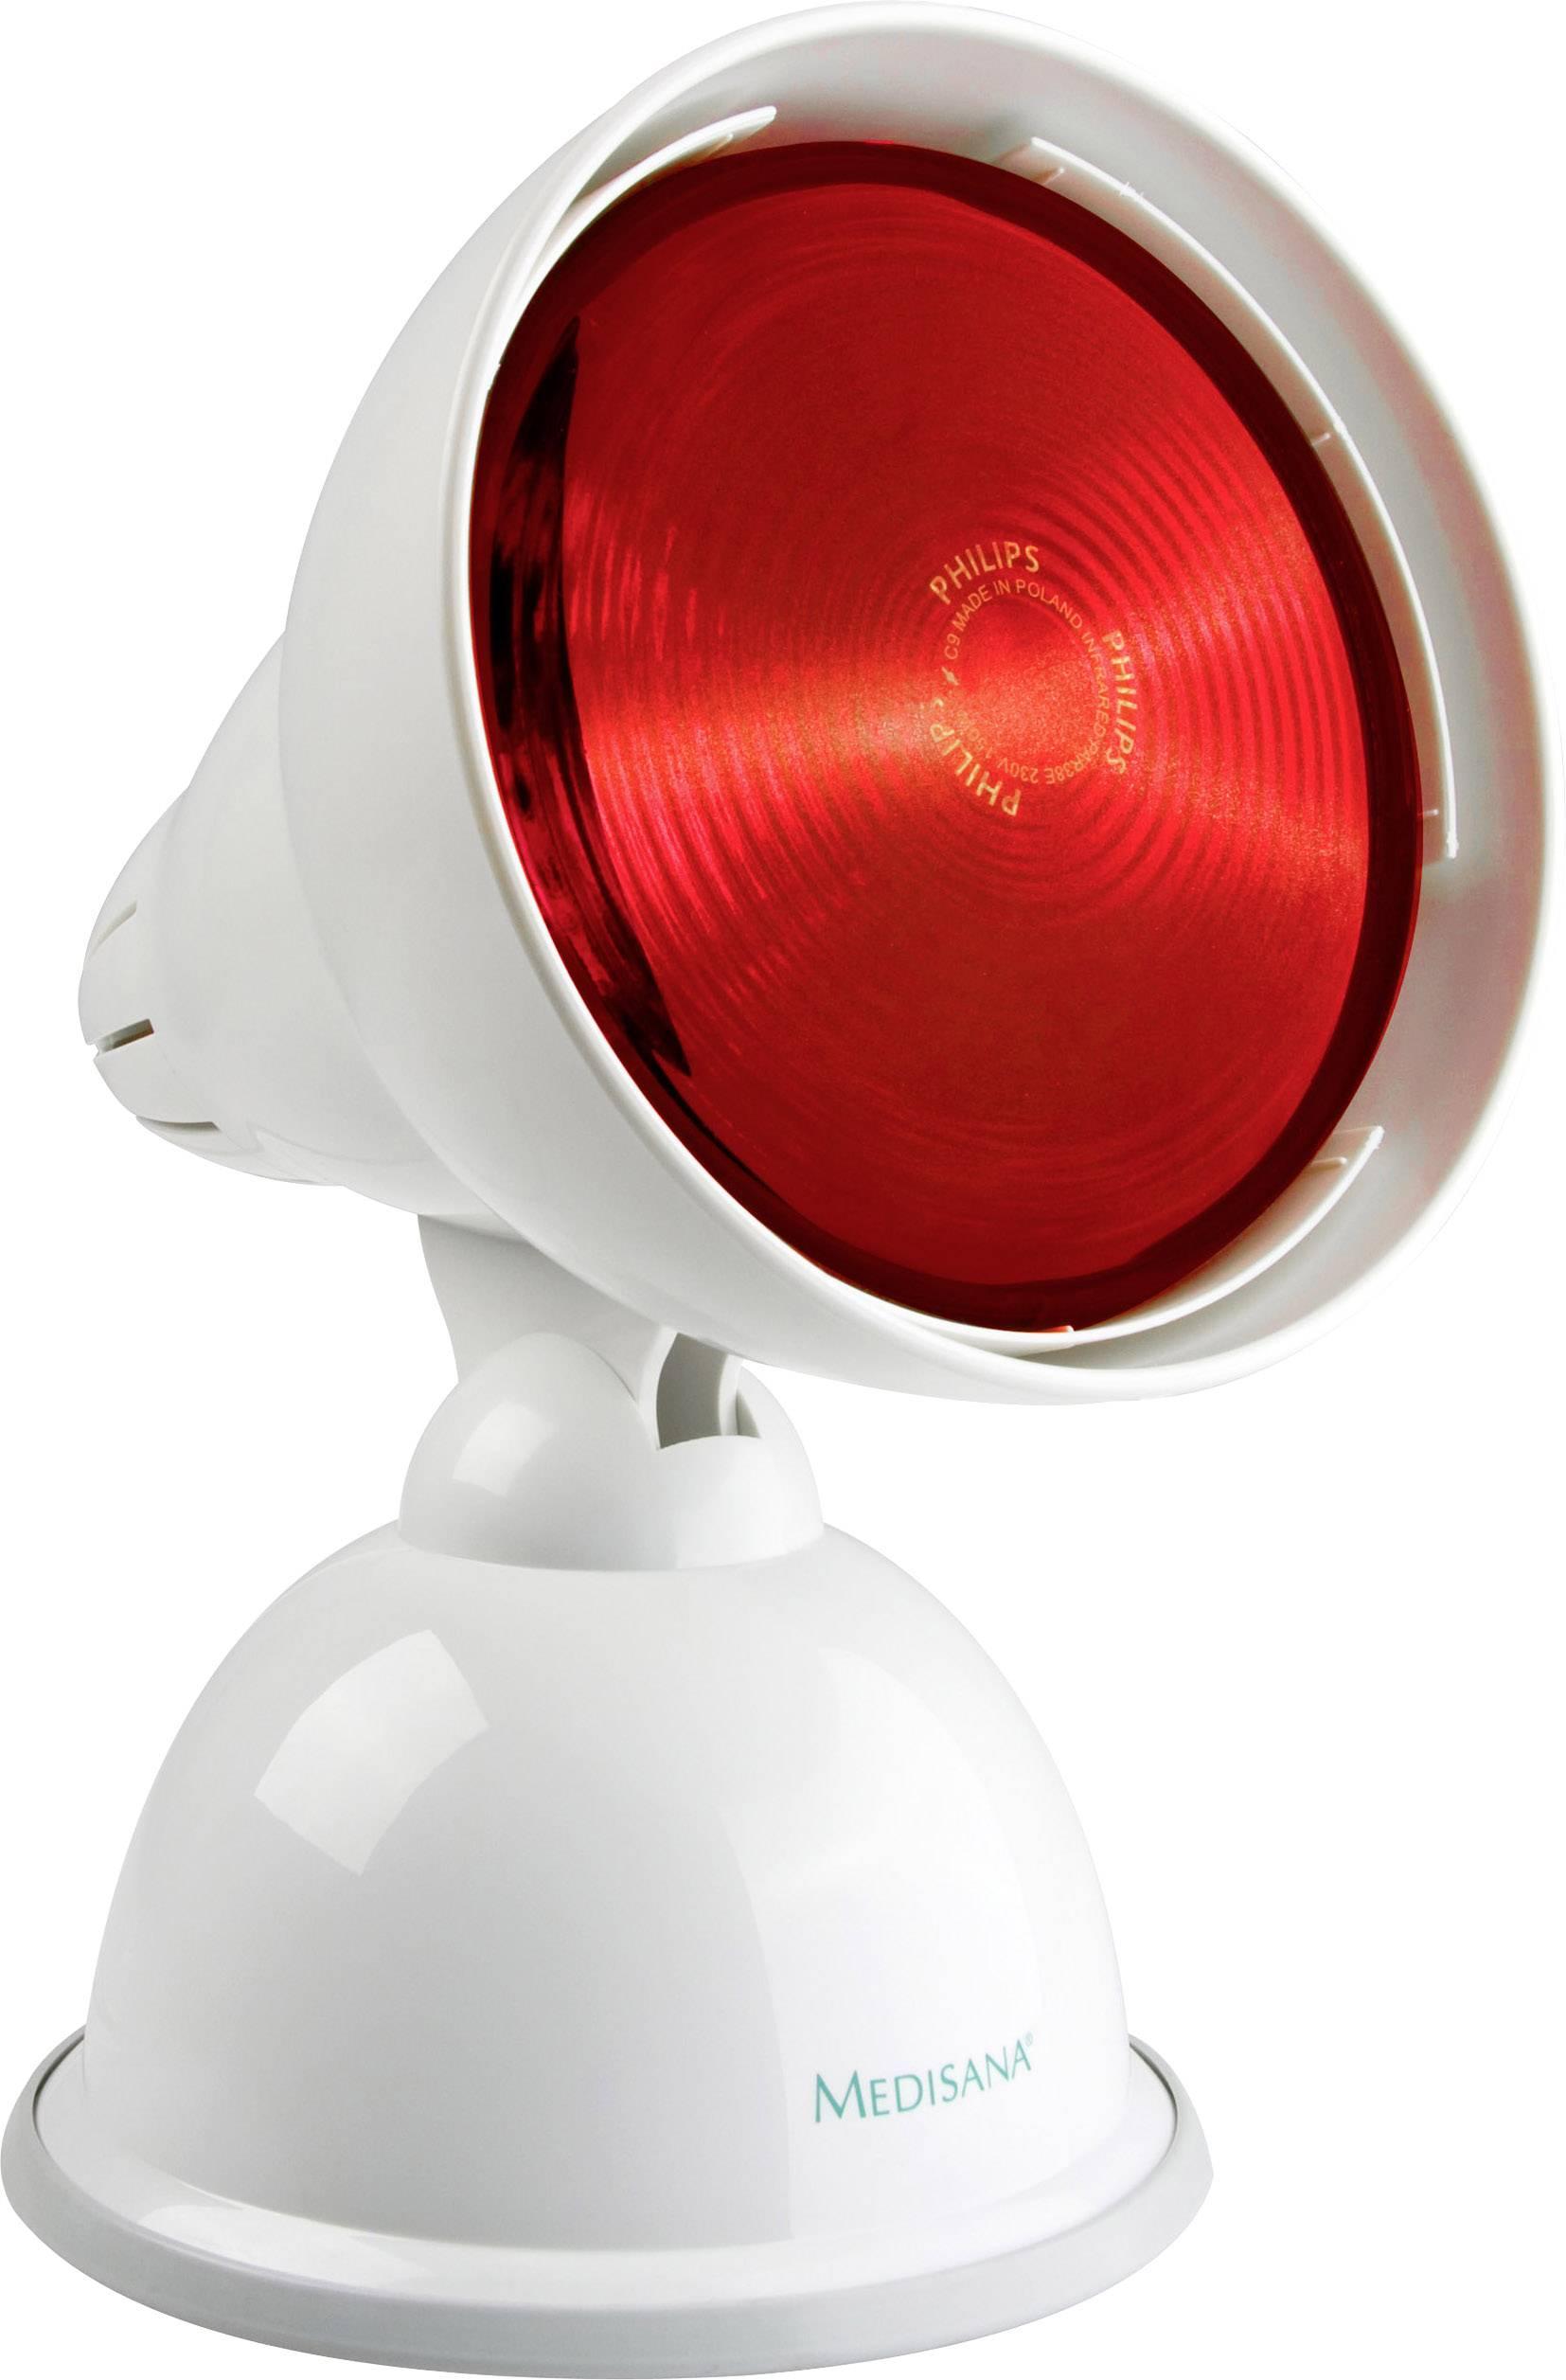 Infračervená lampa Medisana IRL, 150 W